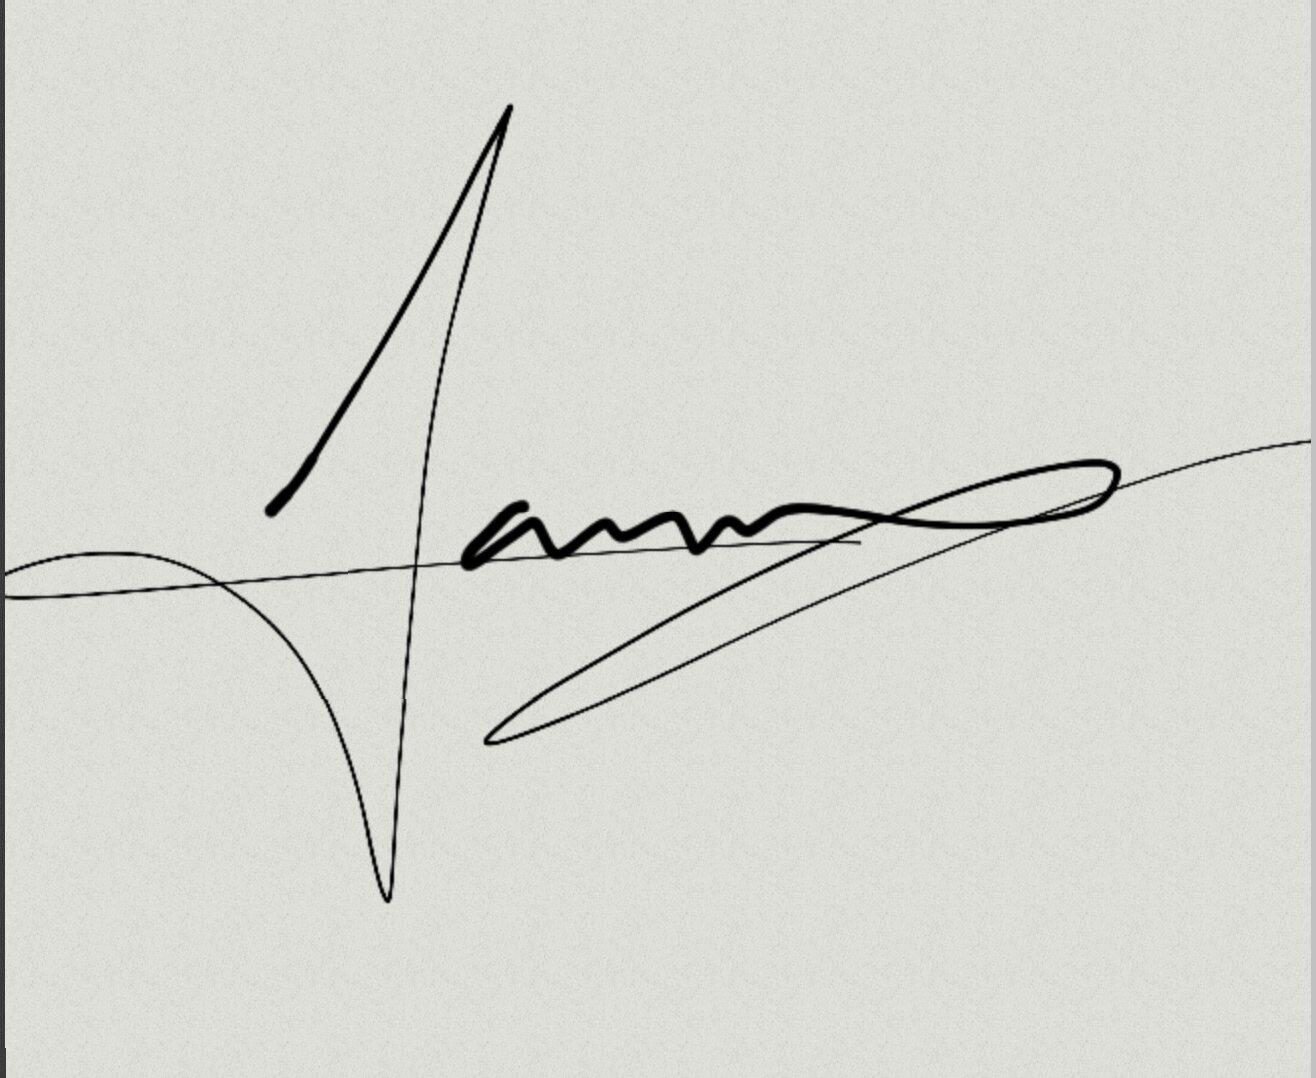 Luna Garcia Signature